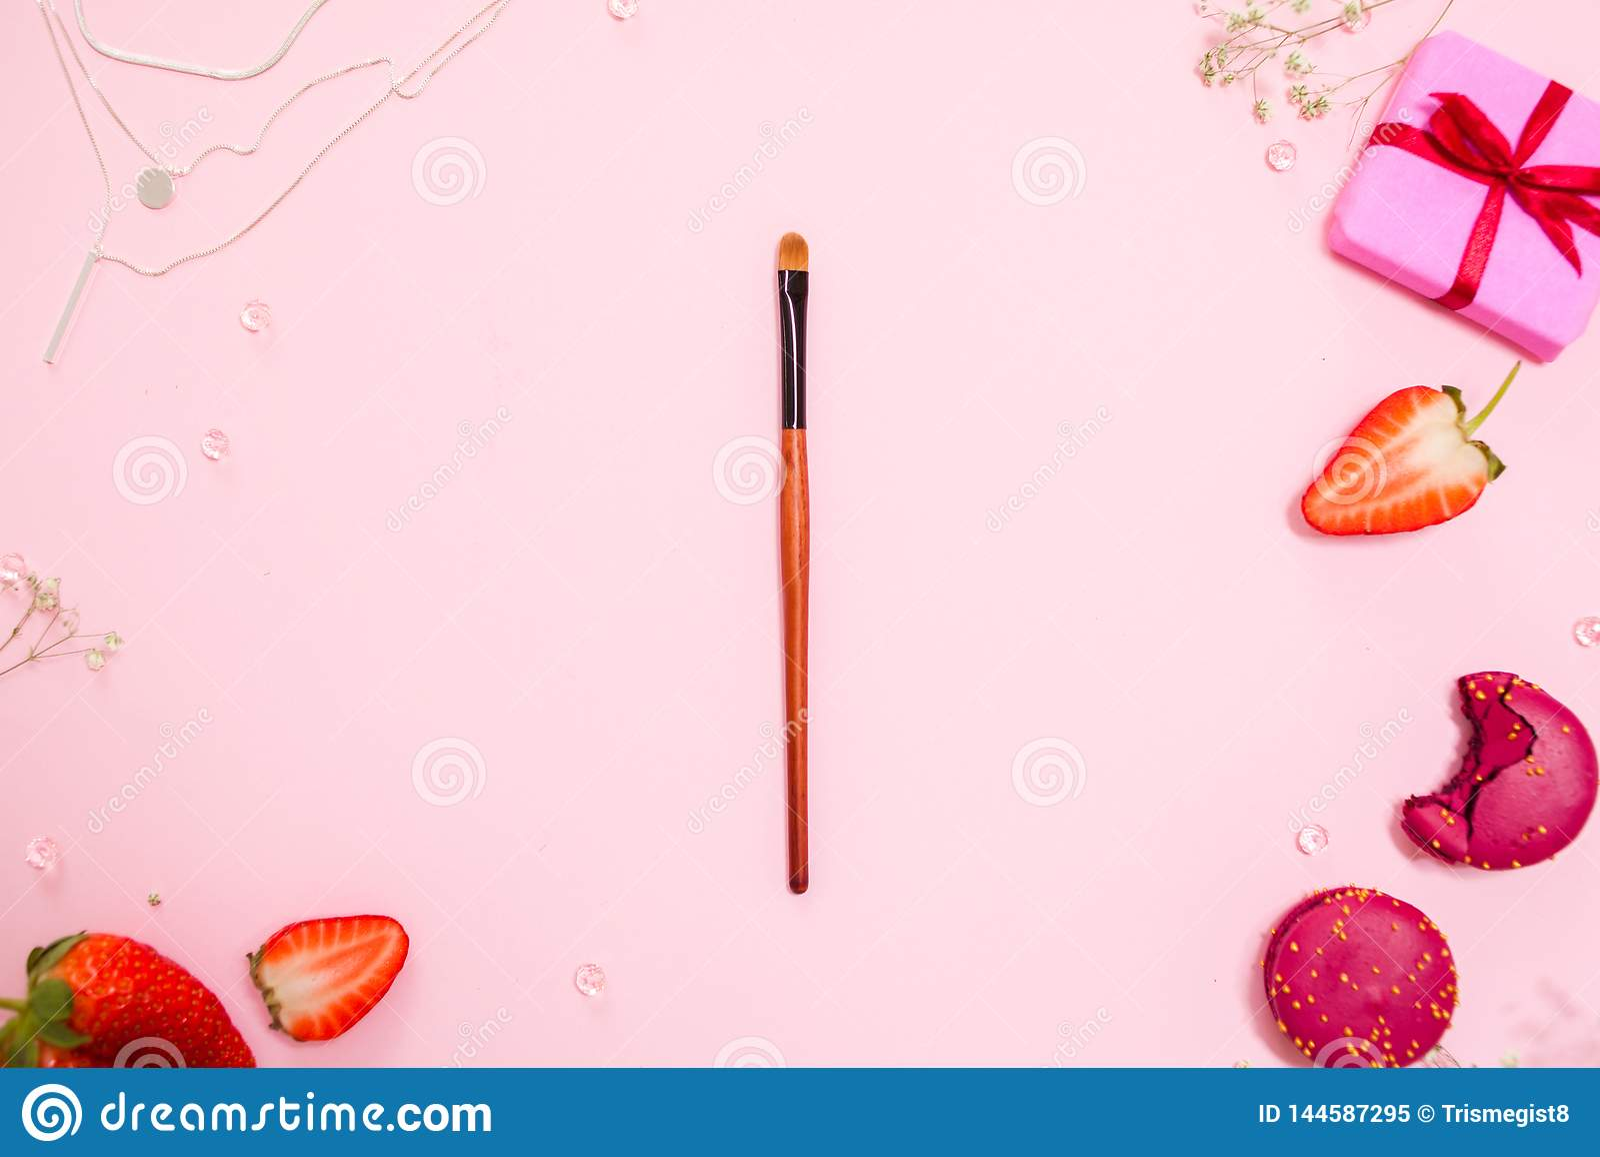 Το χαριτωμένο ρόδινο επίπεδο βάζει, με μια λεπτή βούρτσα makeup στο κέντρο Γοητευτικό ύφος